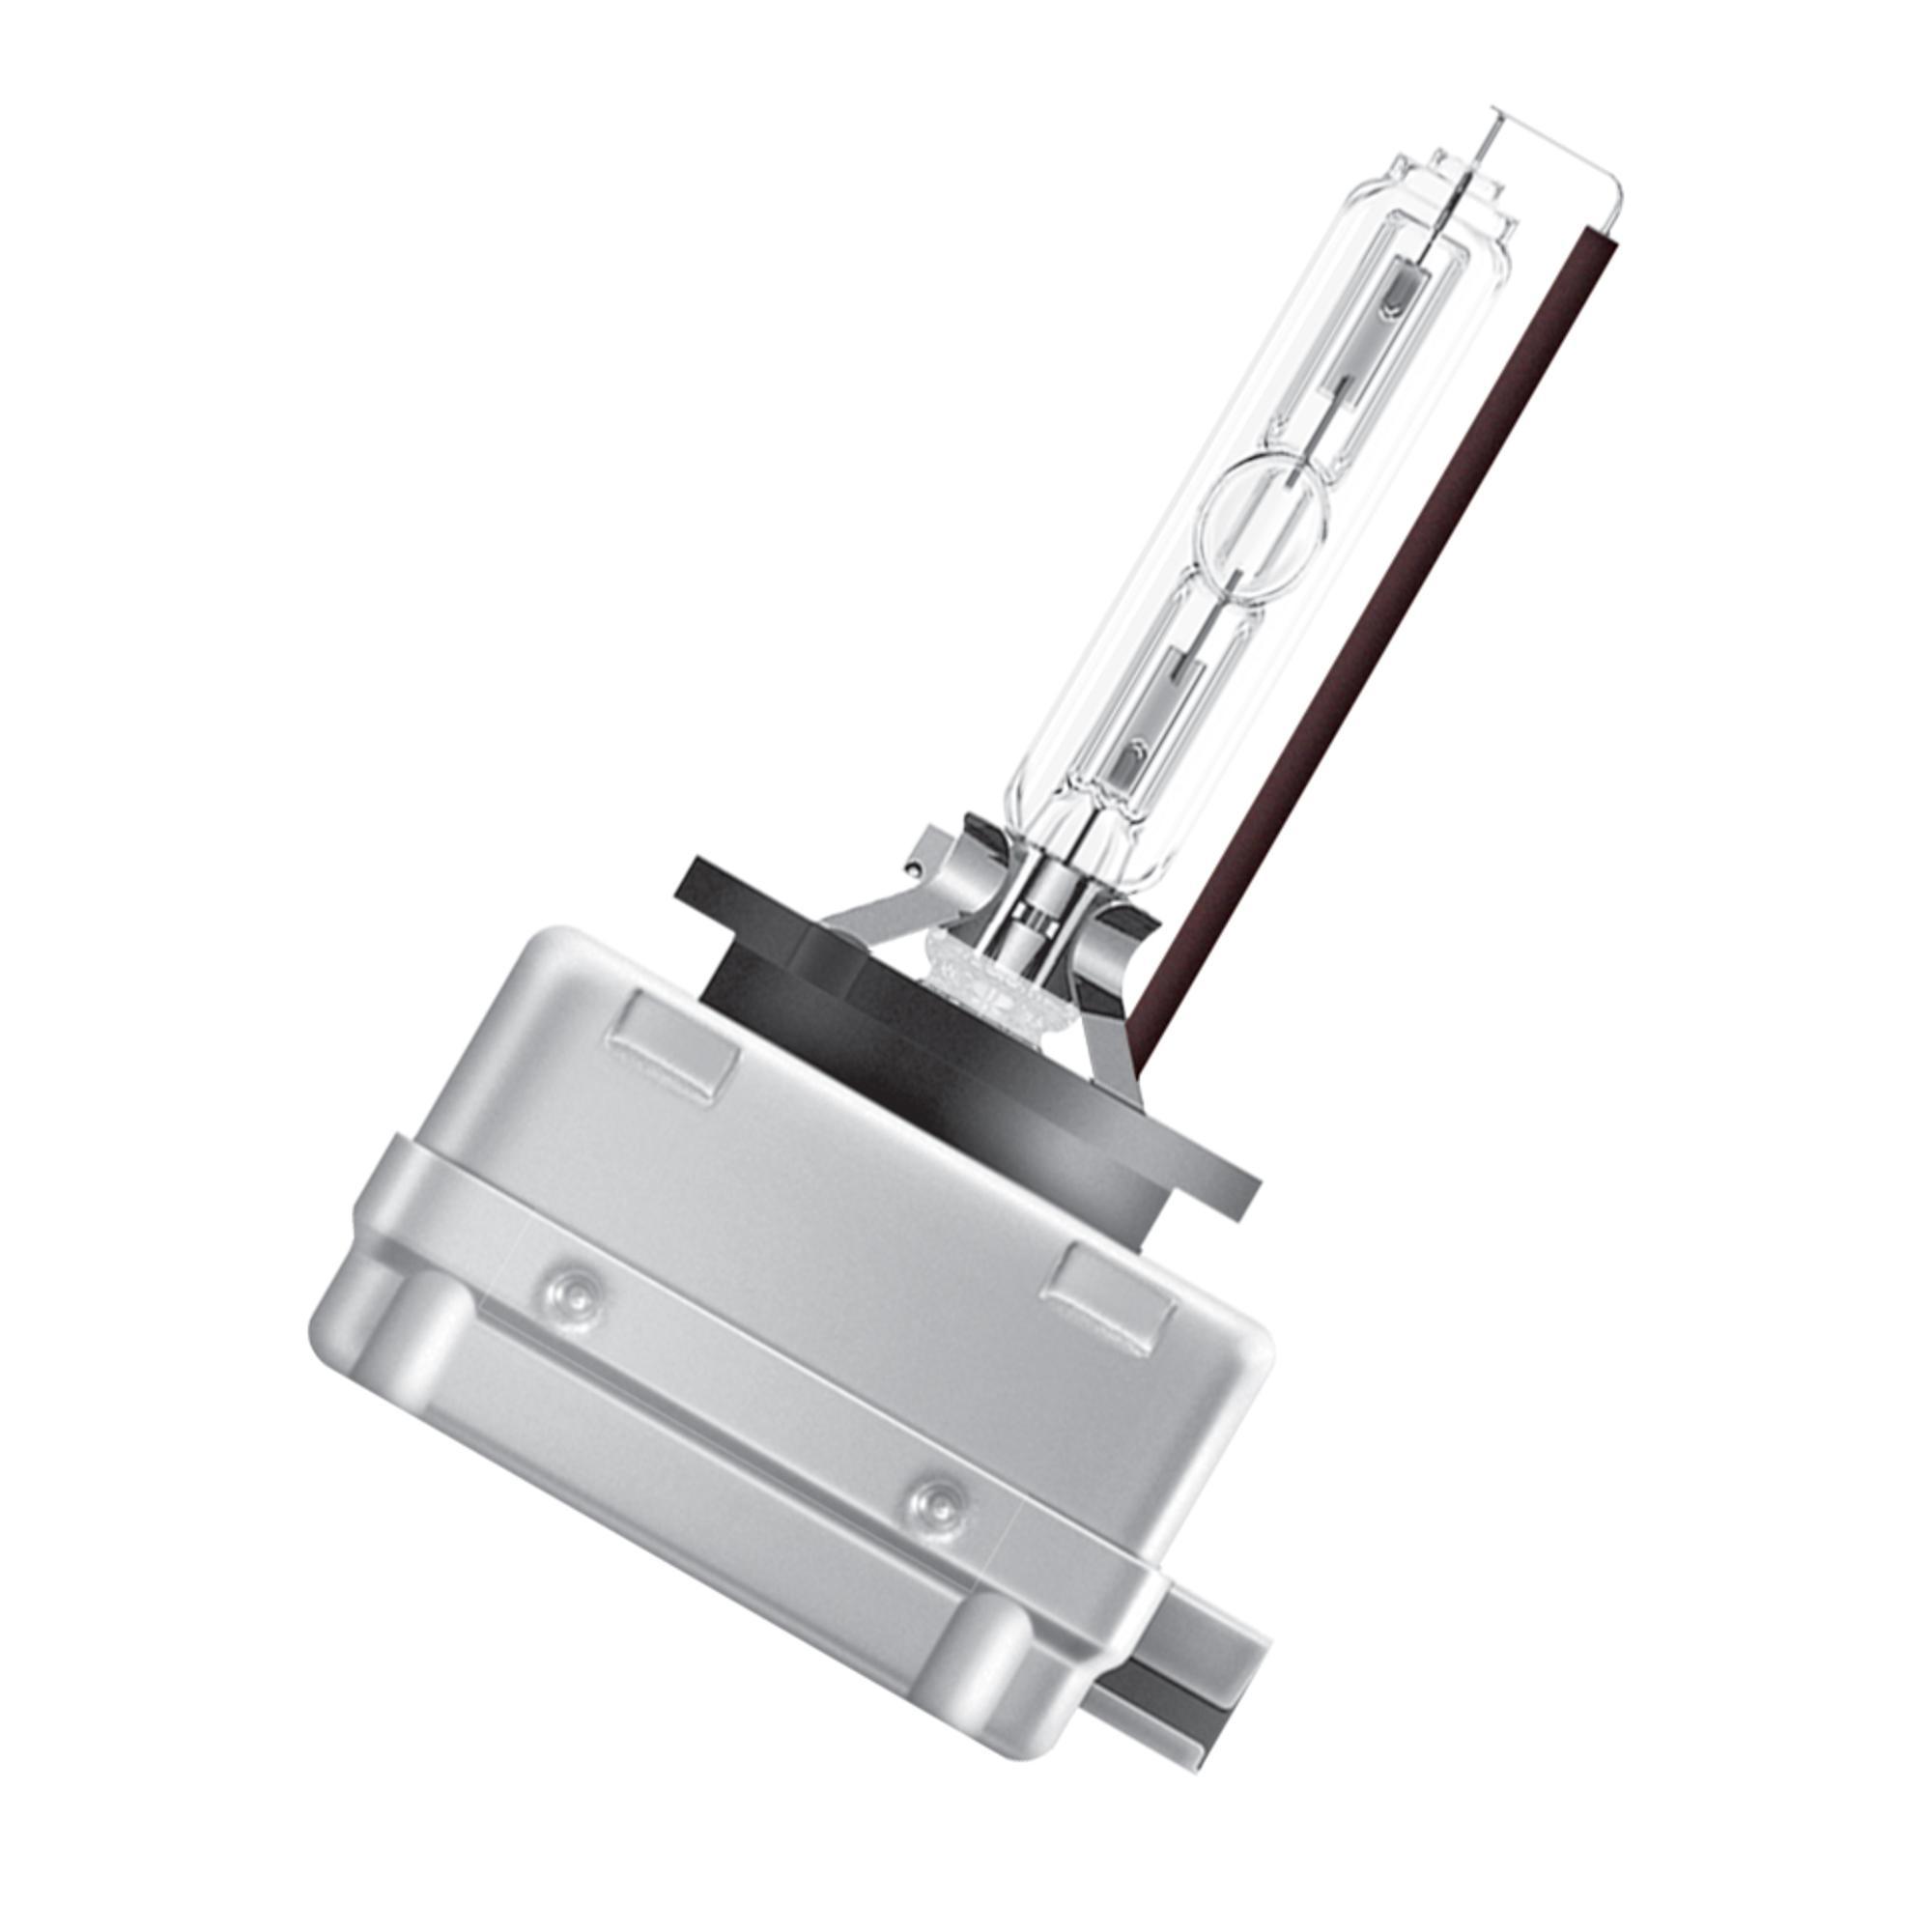 66140 Lâmpada, farol de longo alcance OSRAM 66140 Enorme selecção - fortemente reduzidos